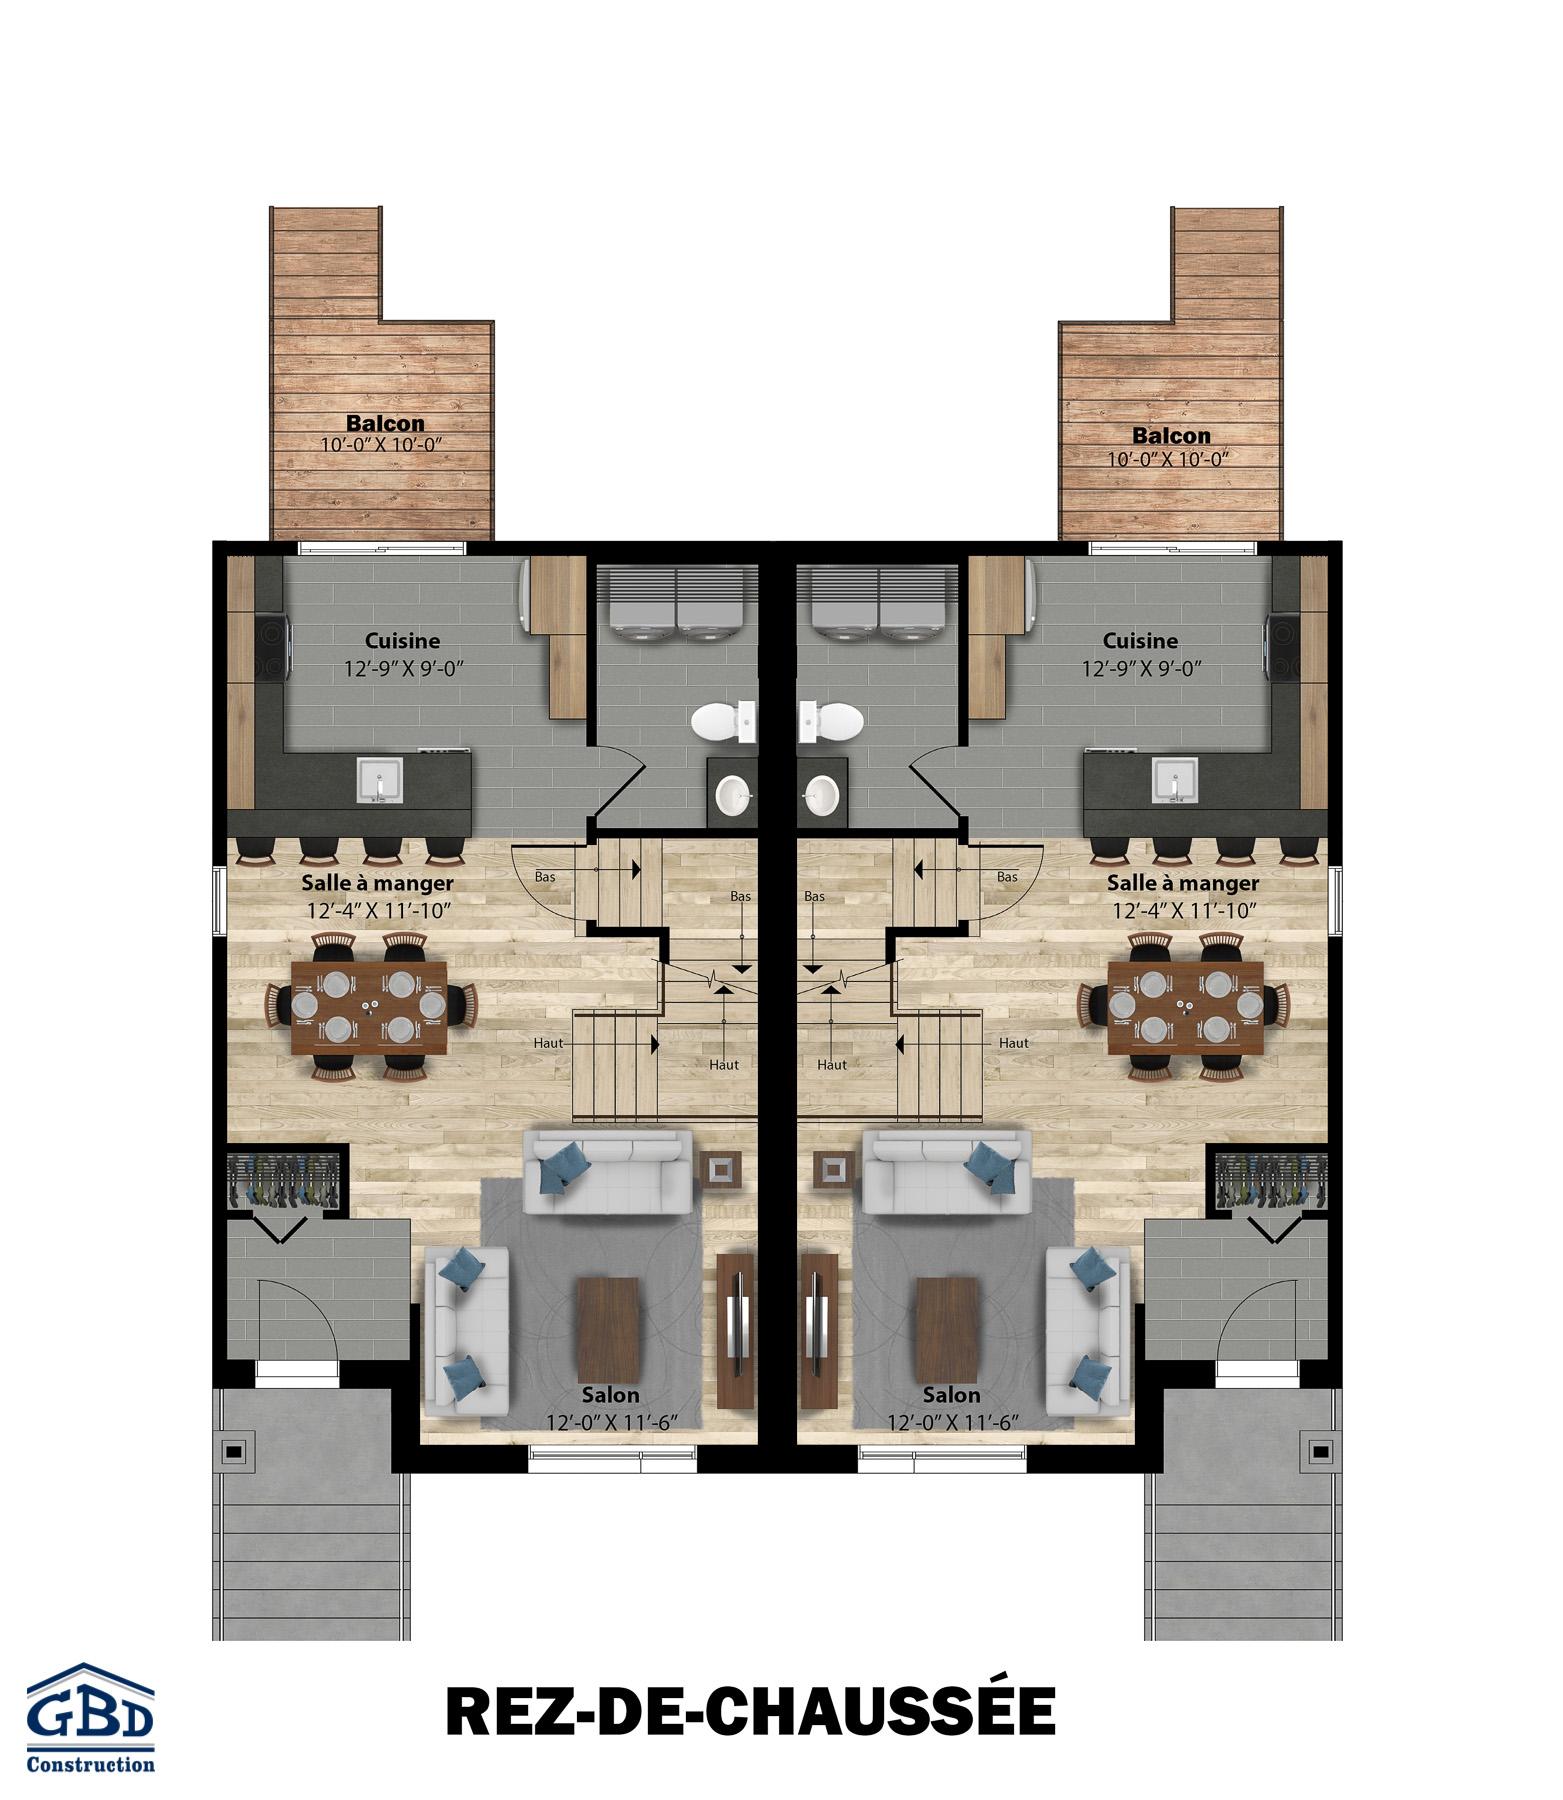 Berge maison neuve jumel e gbd construction for Plan maison jumelee gratuit